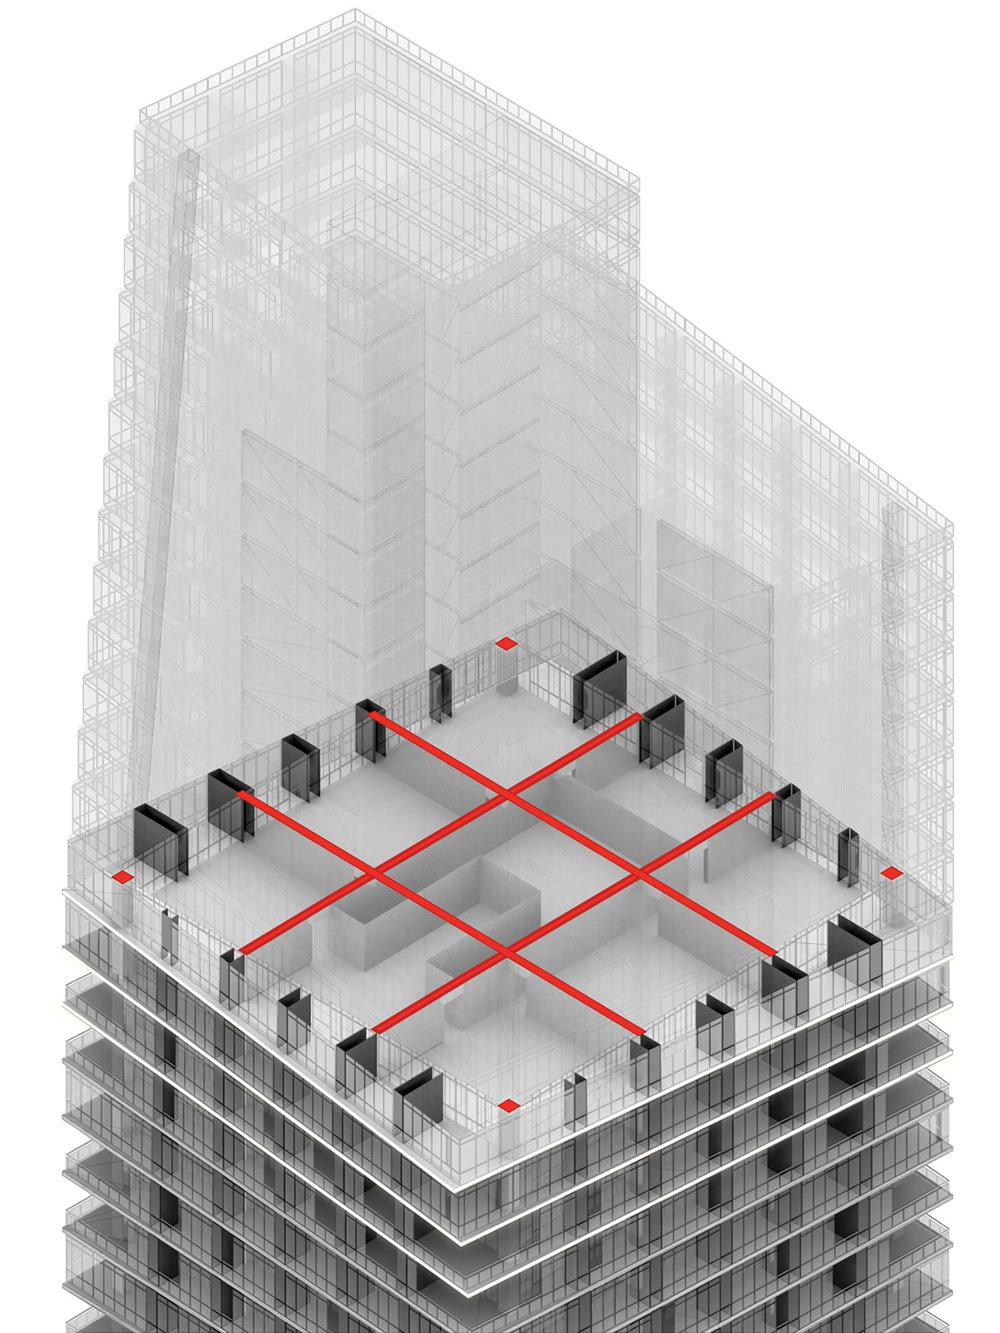 tyt-structure.jpg